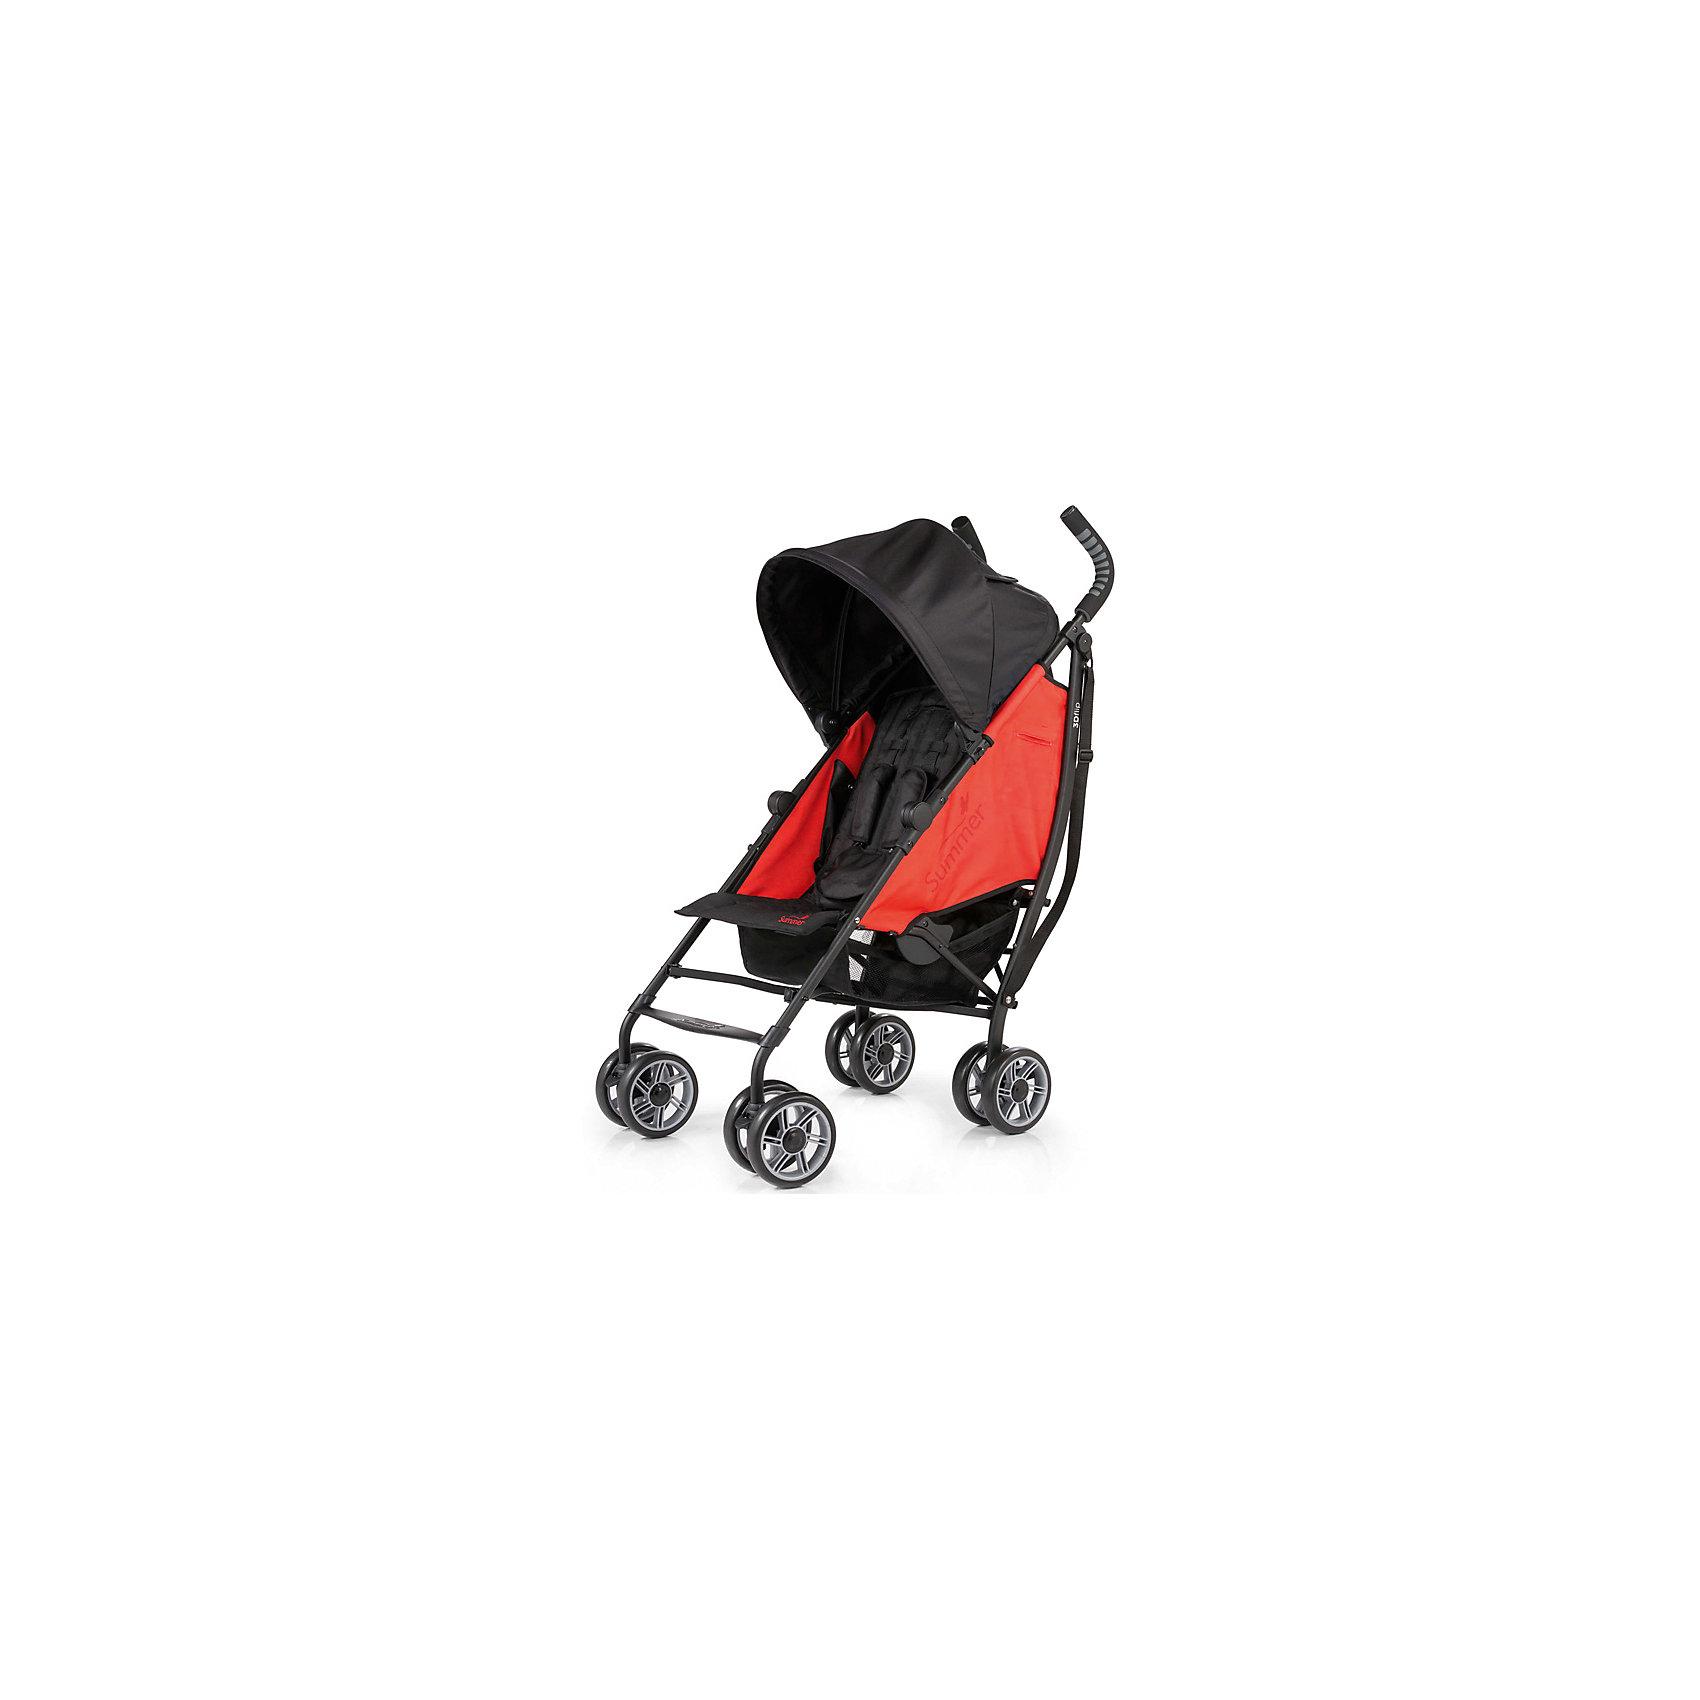 Коляска-трость 3D Flip, Summer Infant, черный/красныйКомпактная, удобная коляска-трость 3D Flip Stroller от компании Summer Infant <br>Особенности:<br>Широкое двухстороннее сидение <br>Опускающаяся спинка (6 положений)<br>Вместительная корзина<br>Опускающийся капюшон<br>5-точечный ремень безопасности<br>Вращающиеся колеса<br>Вес 8 кг<br><br>Ширина мм: 1020<br>Глубина мм: 325<br>Высота мм: 245<br>Вес г: 9000<br>Возраст от месяцев: 6<br>Возраст до месяцев: 36<br>Пол: Унисекс<br>Возраст: Детский<br>SKU: 5507982